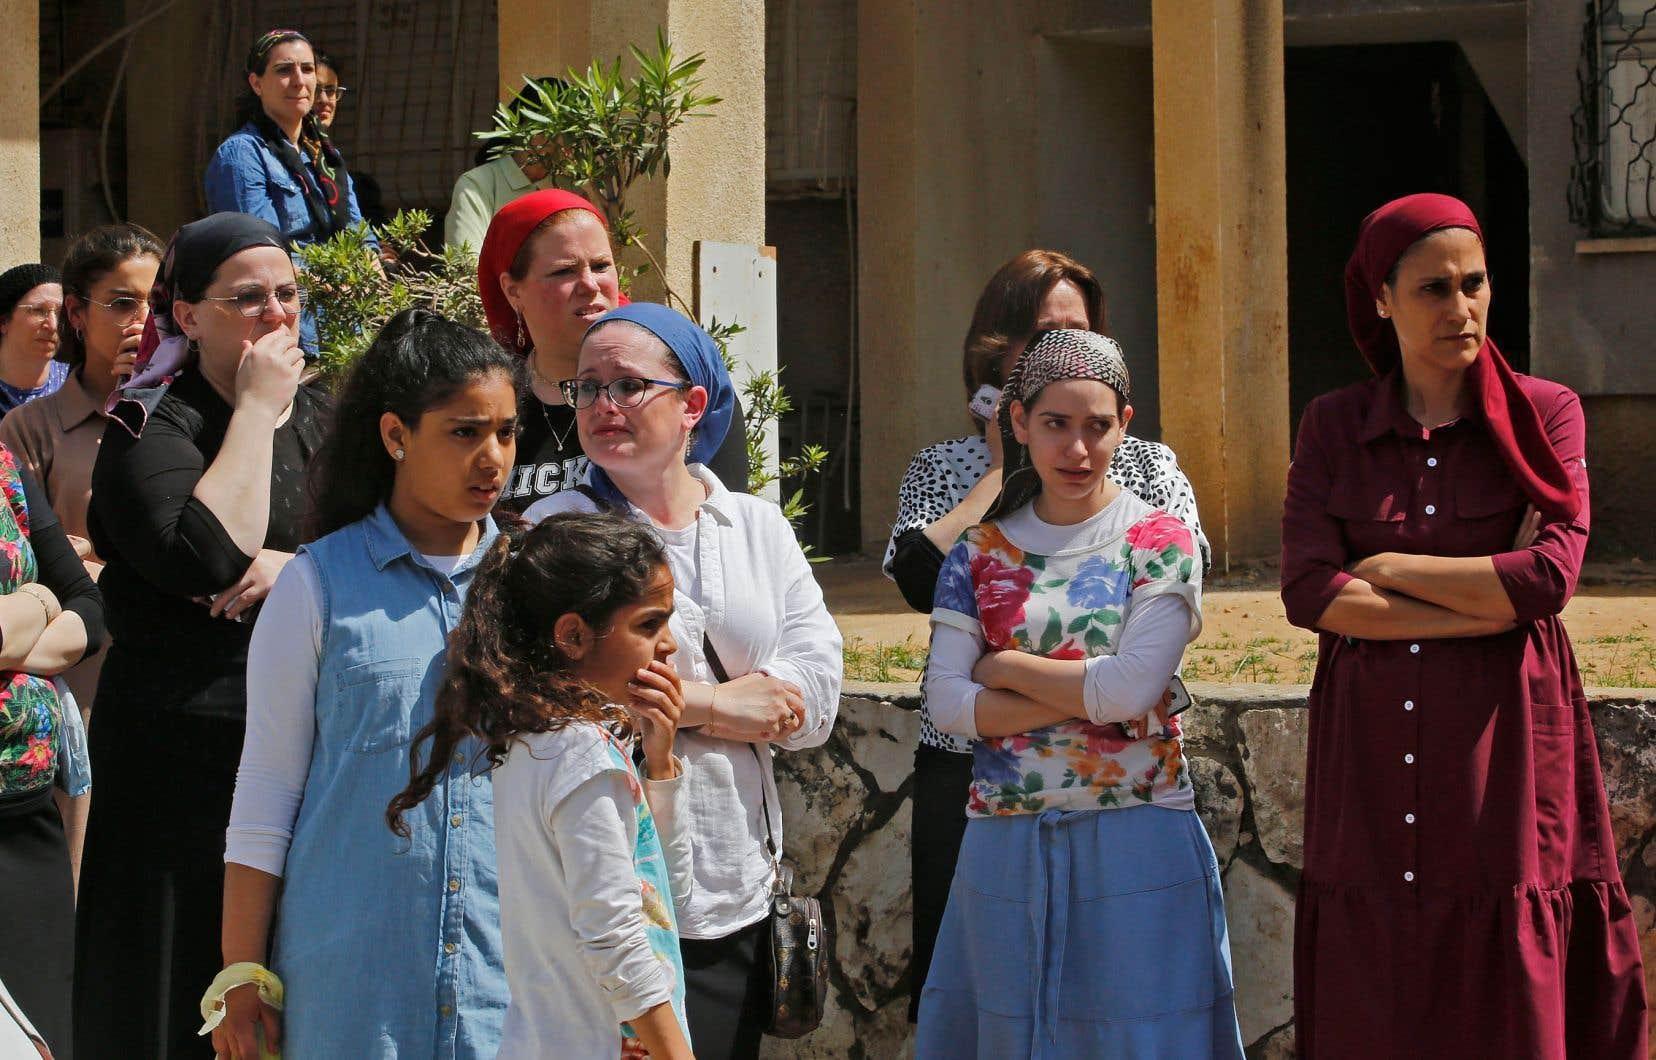 Des femmes juives ultra-orthodoxes se sont rassemblées dans un cimetière de Benei Brak pour assister aux funérailles de l'une des victimes.